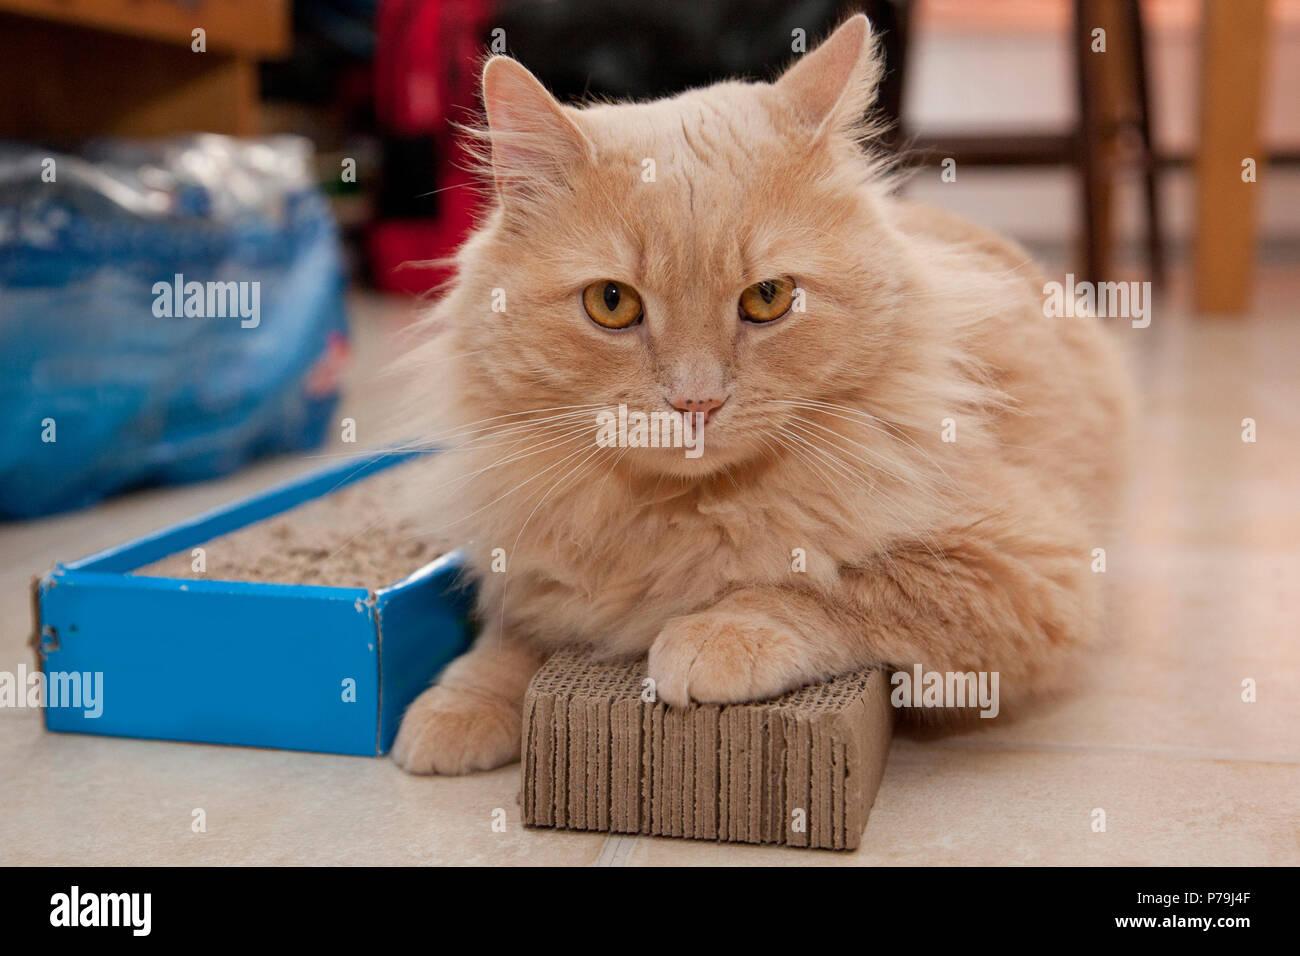 Un gatto si siede sulla parte superiore del suo cartone graffiare pattino non disposti a muoversi Immagini Stock